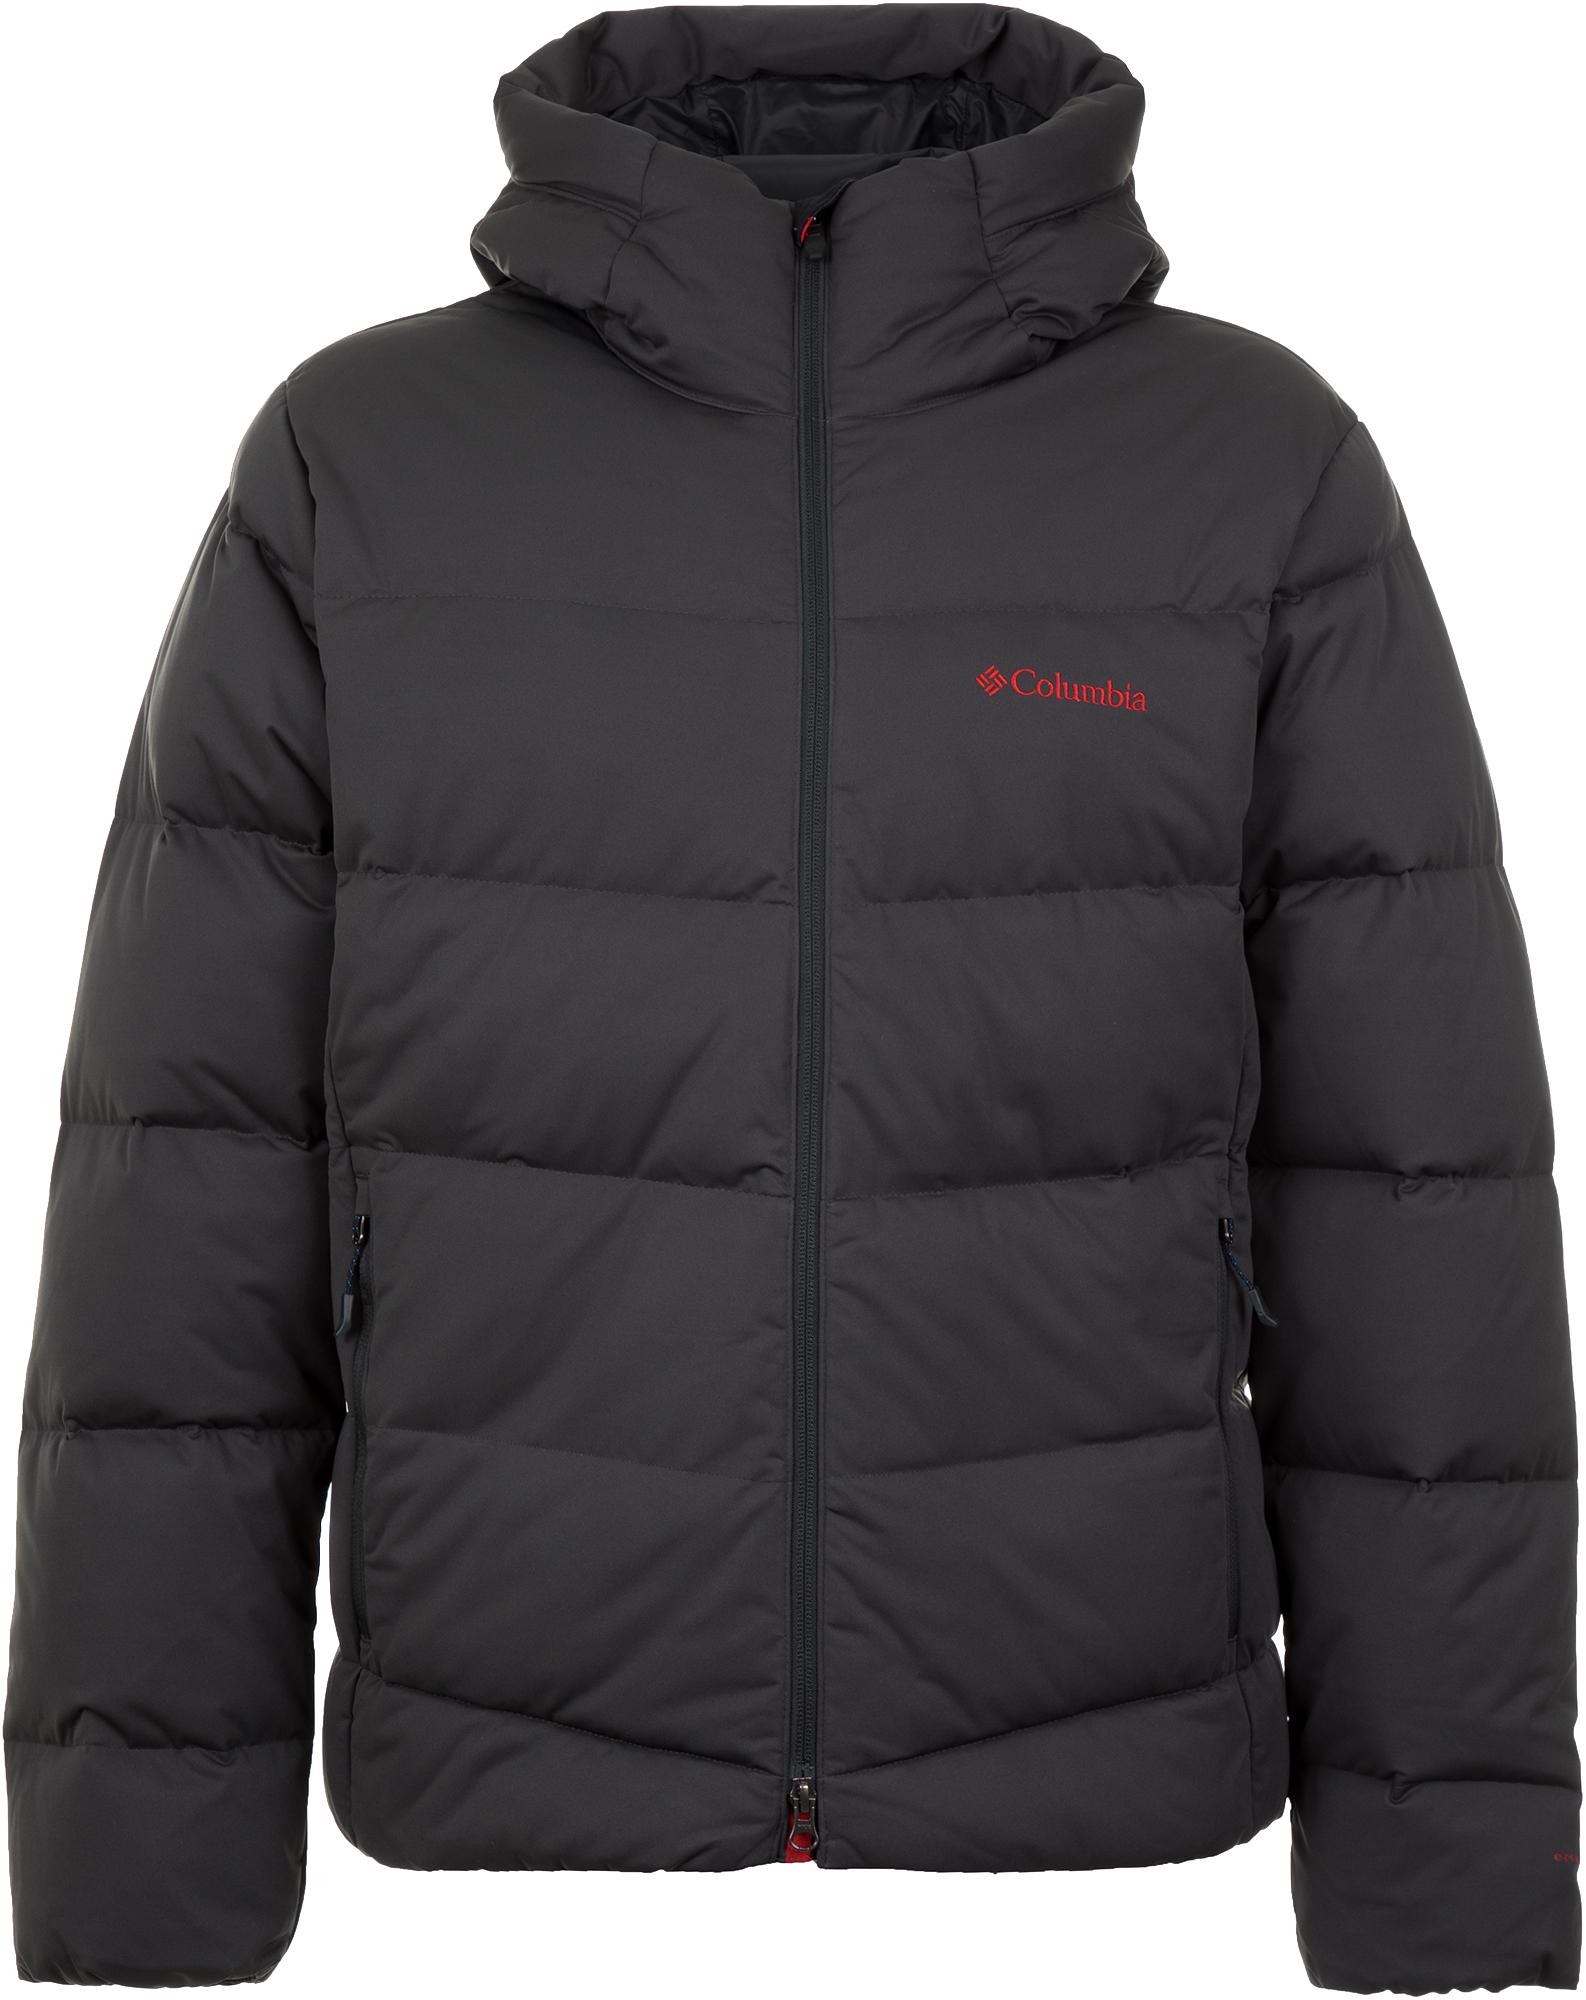 Columbia Куртка пуховая мужская Wrightson Peak, размер 56-58